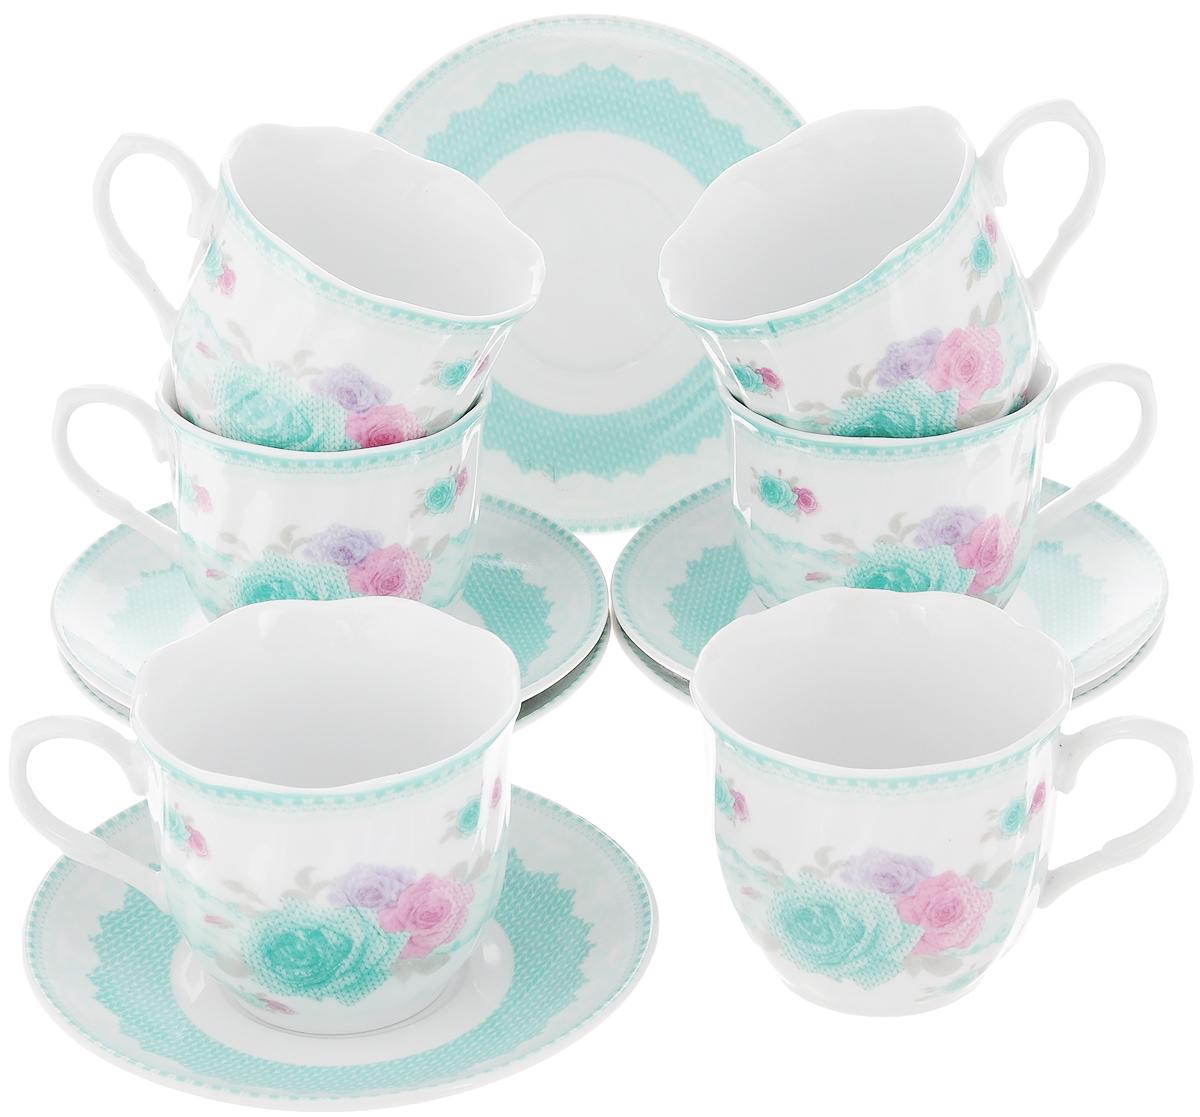 Чайный сервиз Loraine Цветы, 12 предметов creative набор для творчества украшаем чайный сервиз